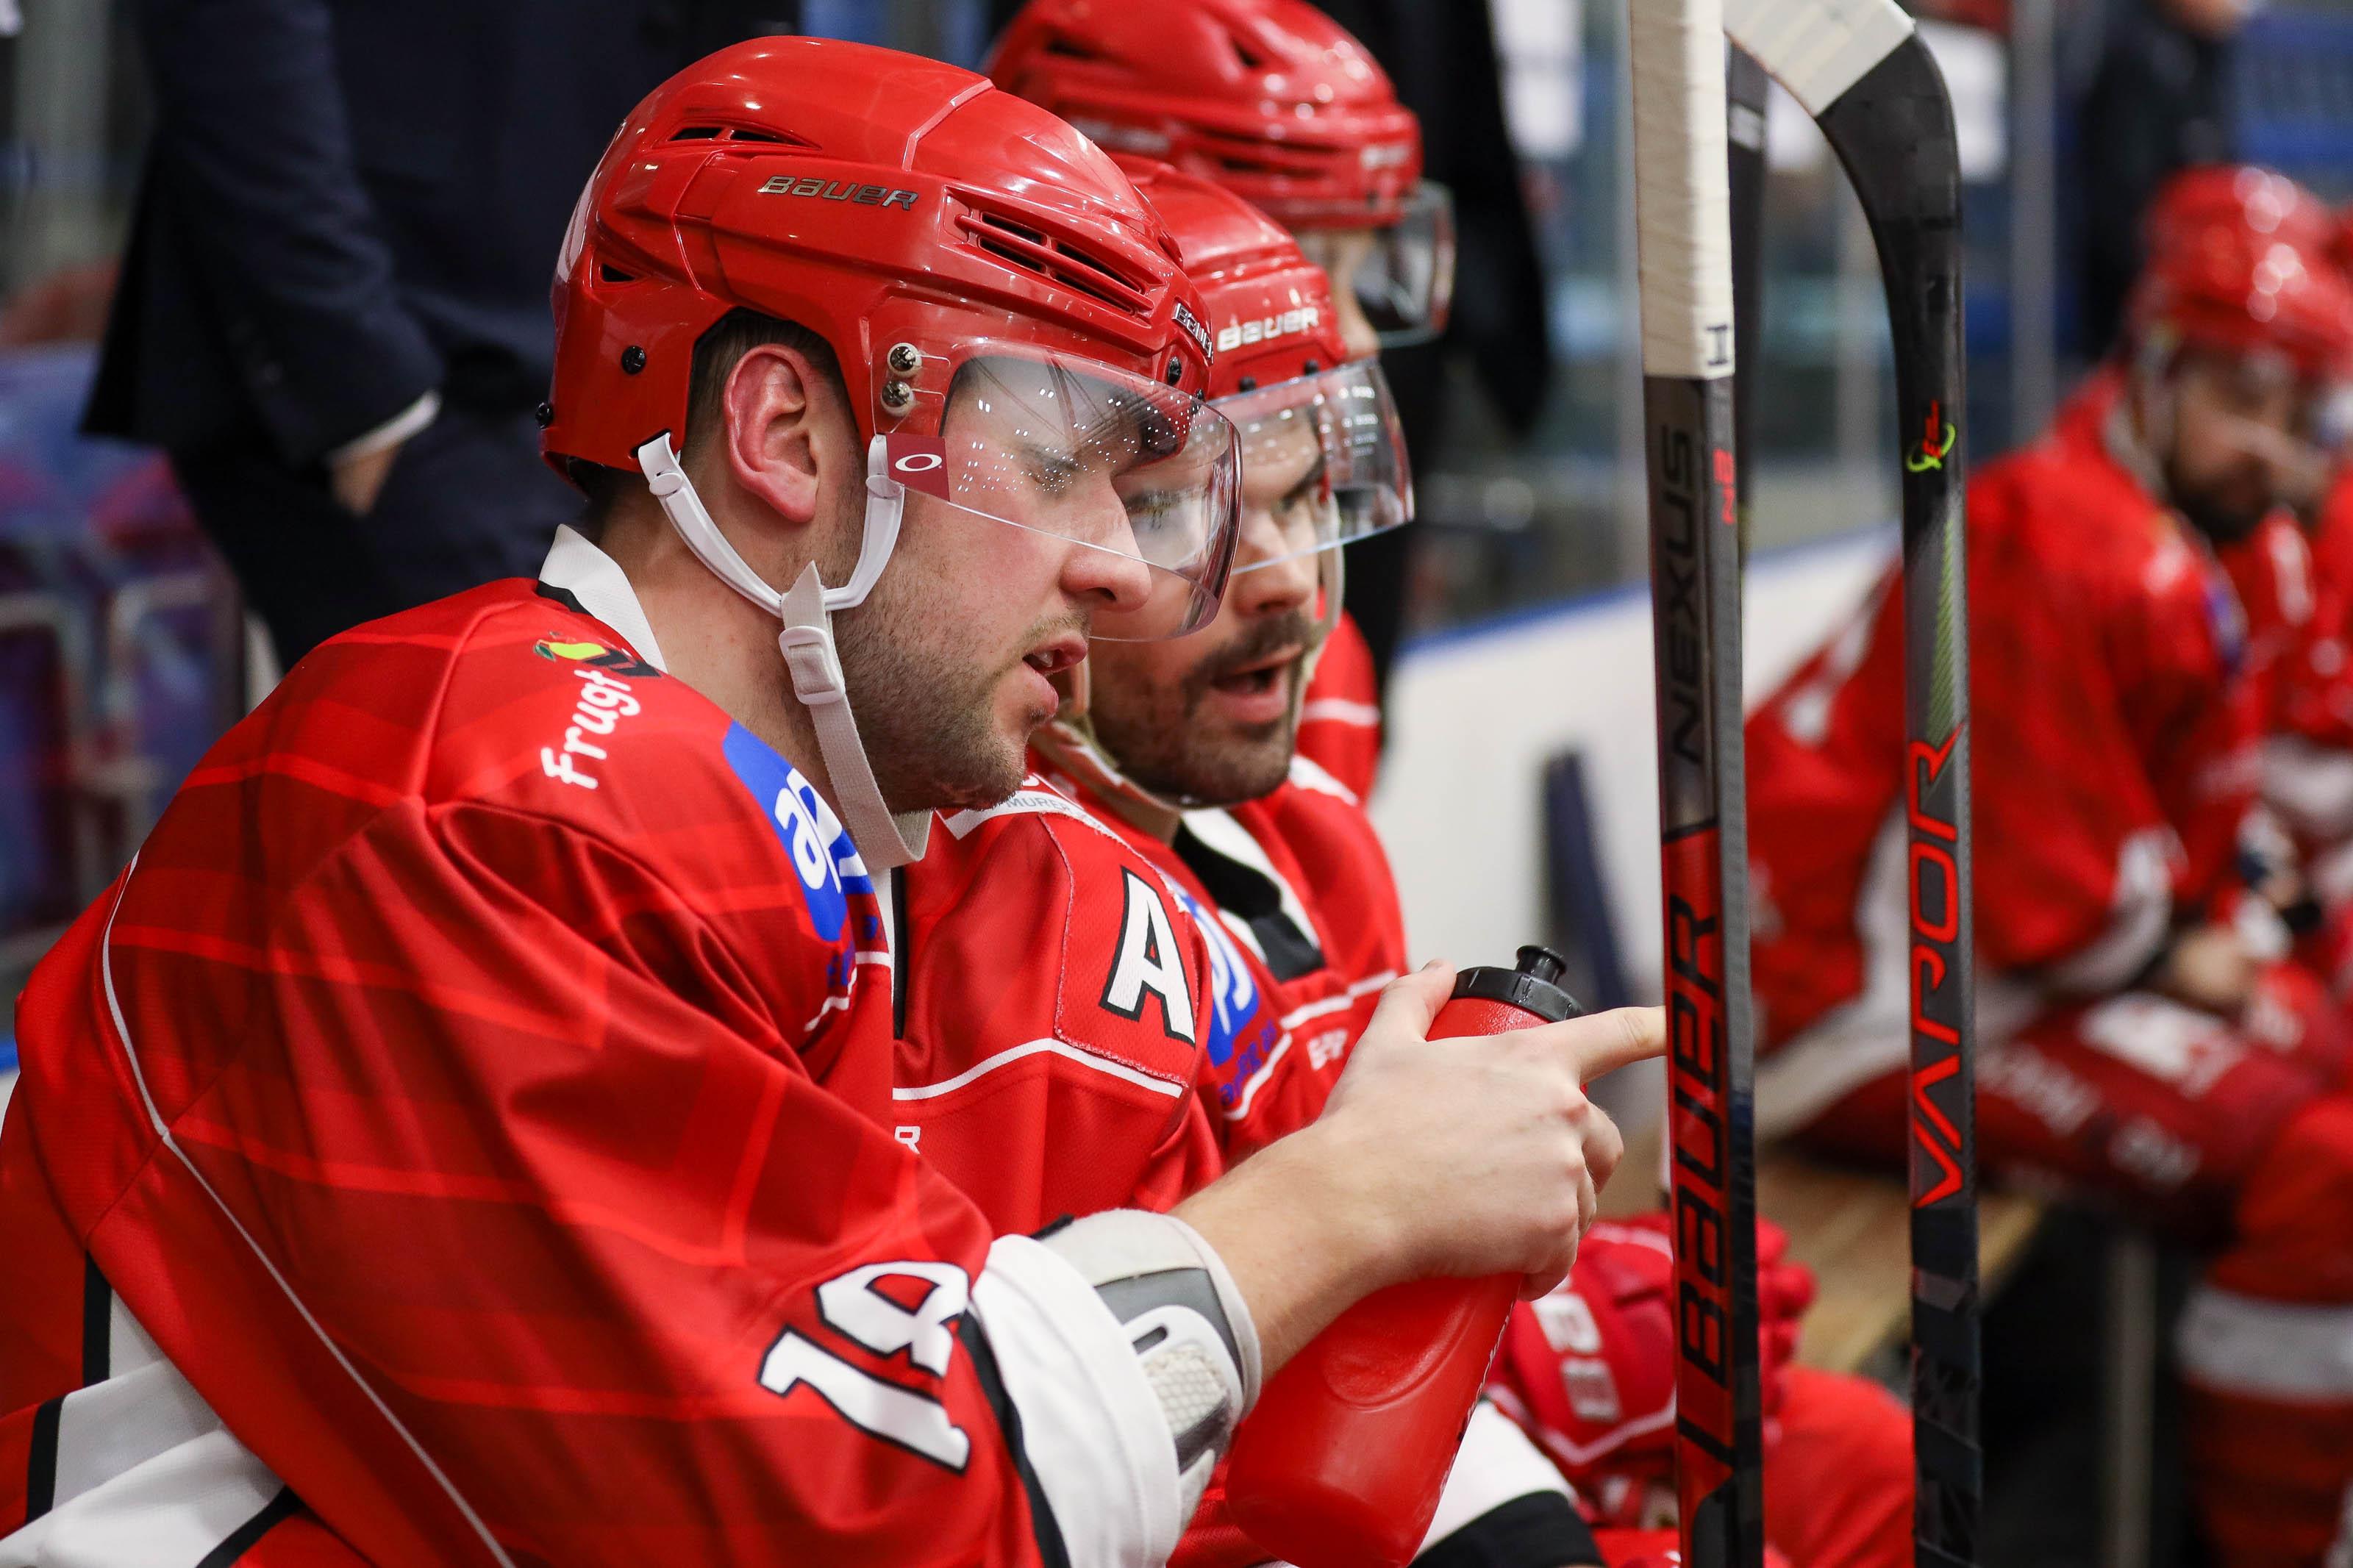 Rødovre-spillere i samtale på bænken.